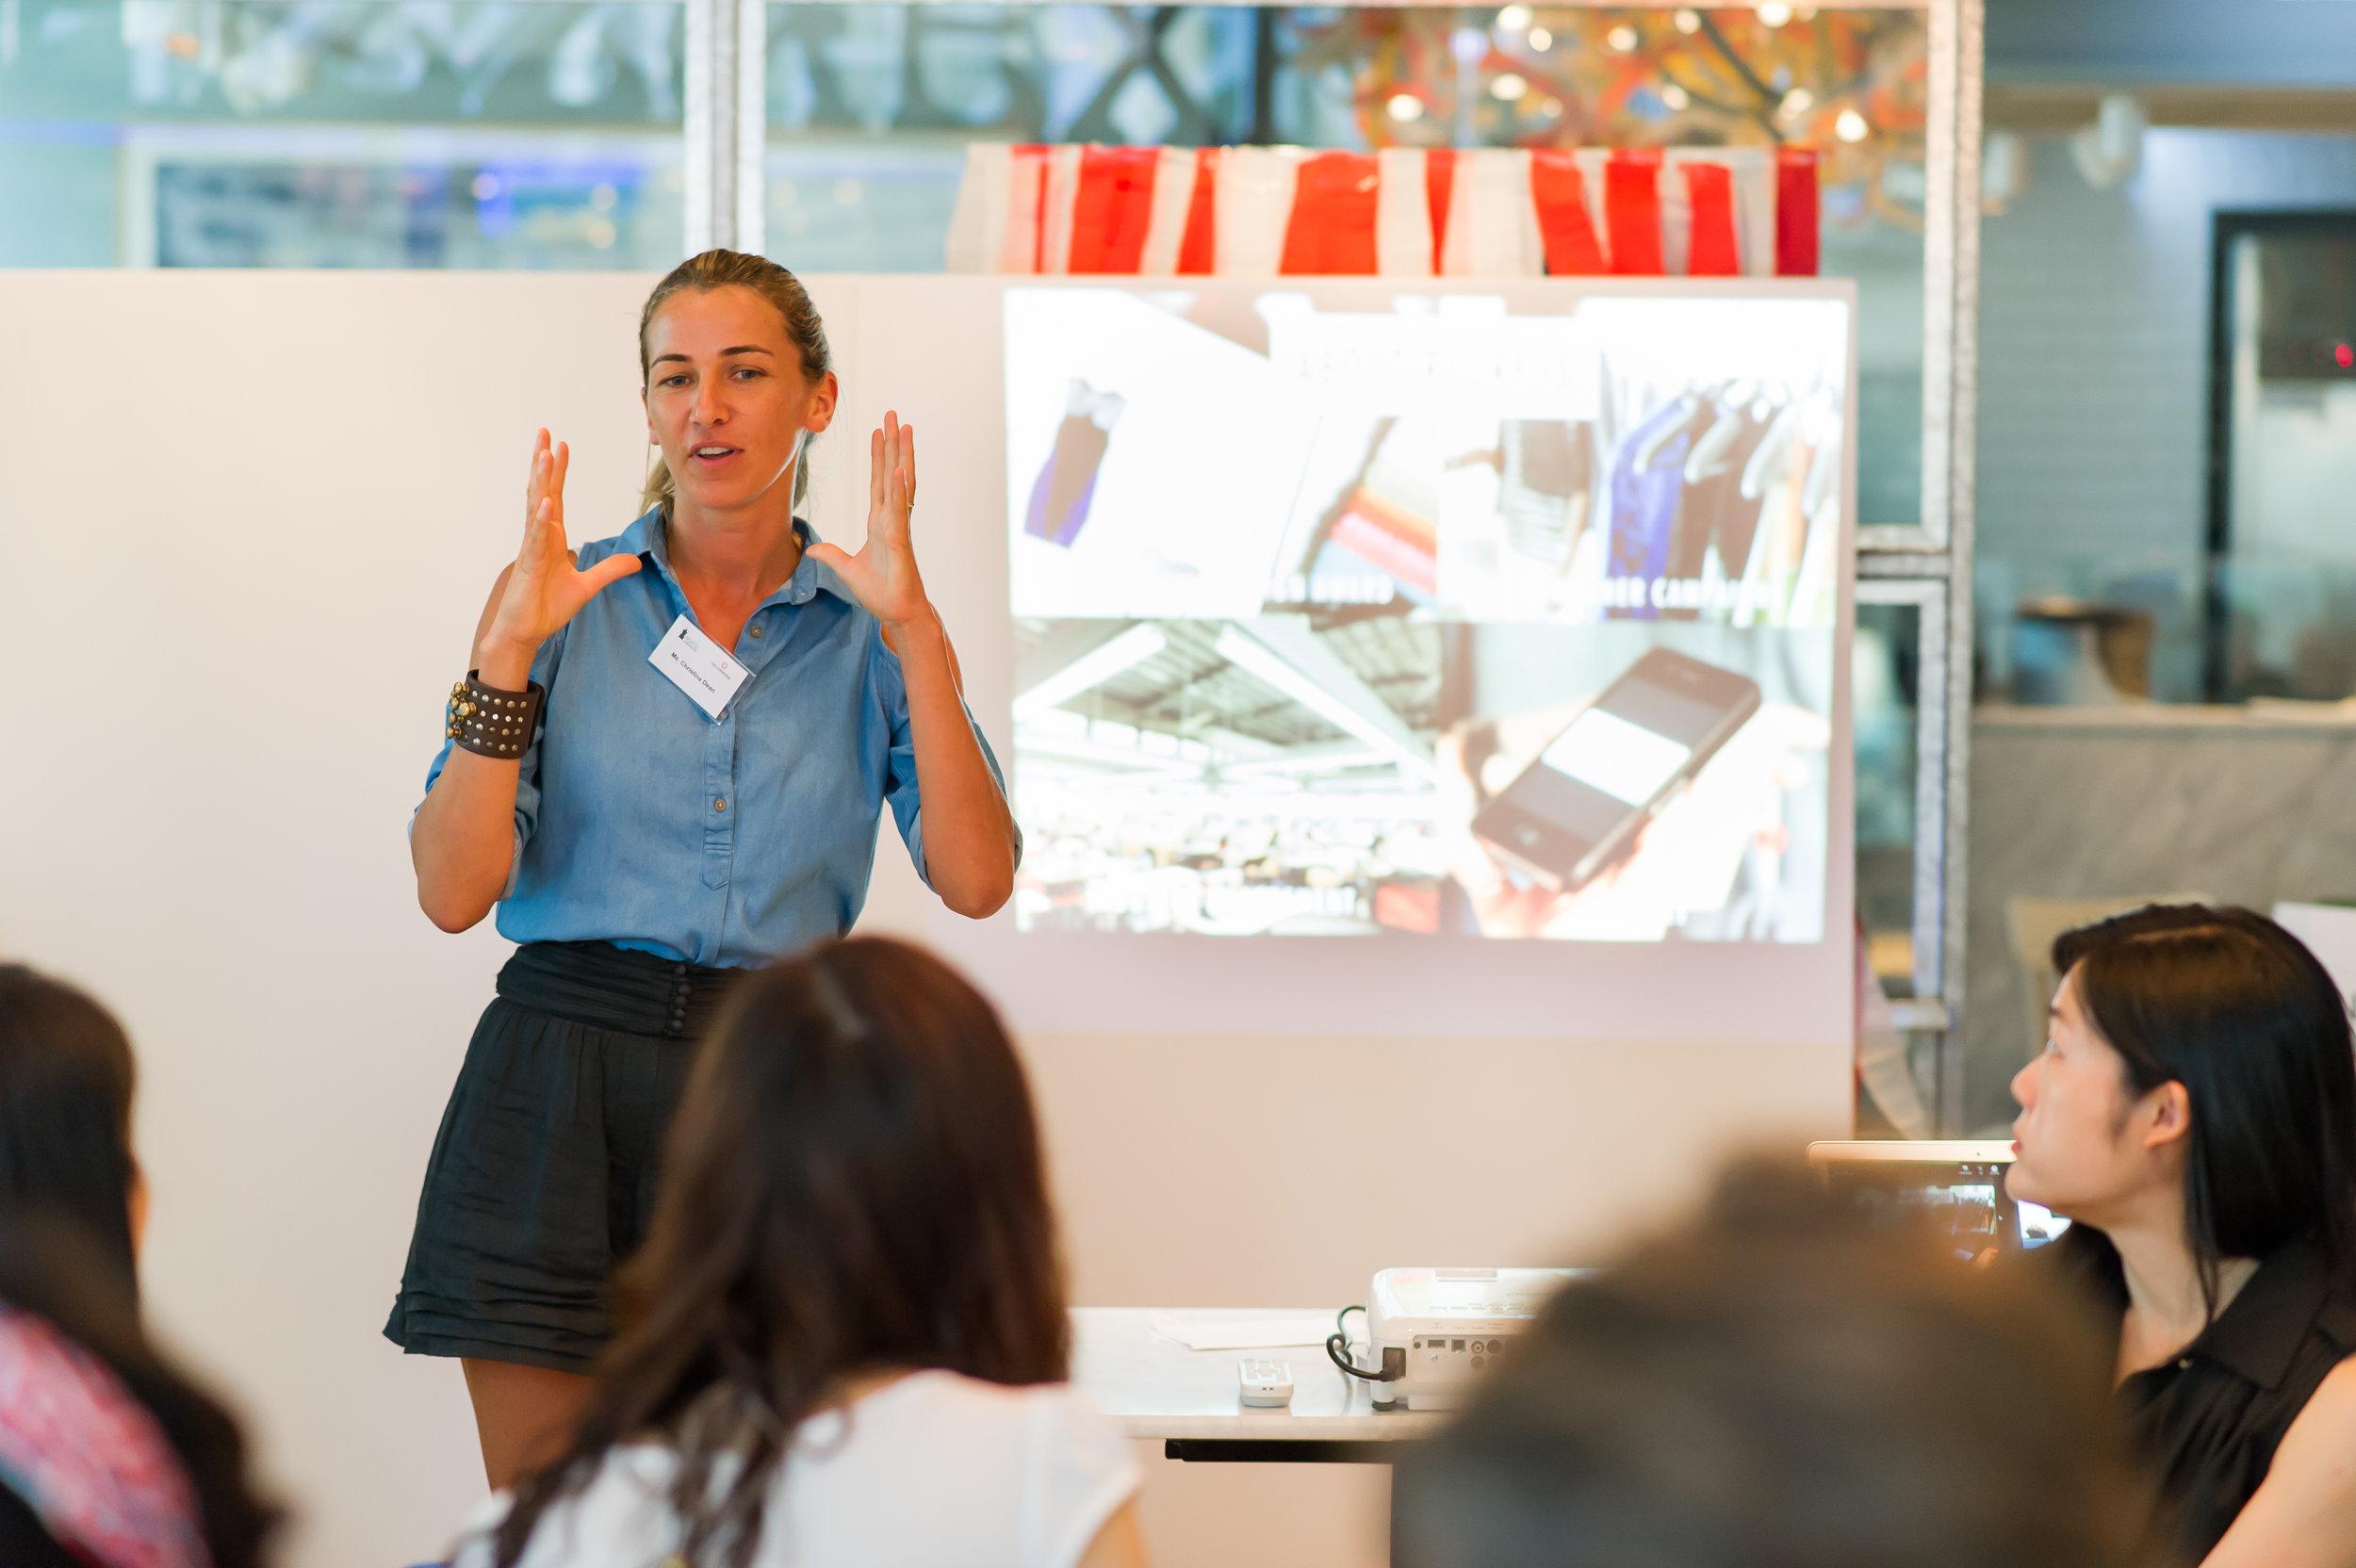 DIY WORKSHOP_Session1_Presentation_Christina Dean.jpg